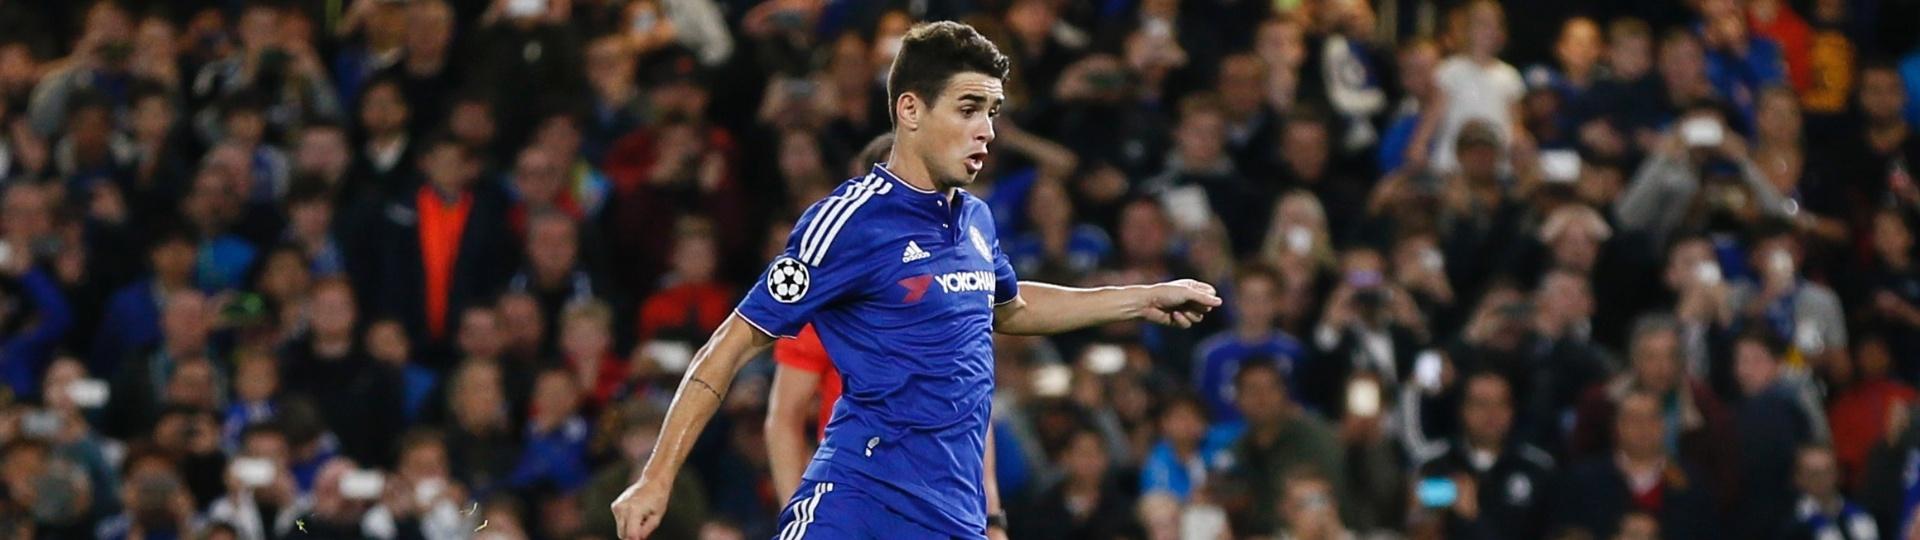 Oscar bate pênalti para o Chelsea e amplia o placar contra o Maccabi Tel Aviv pela Liga dos Campeões